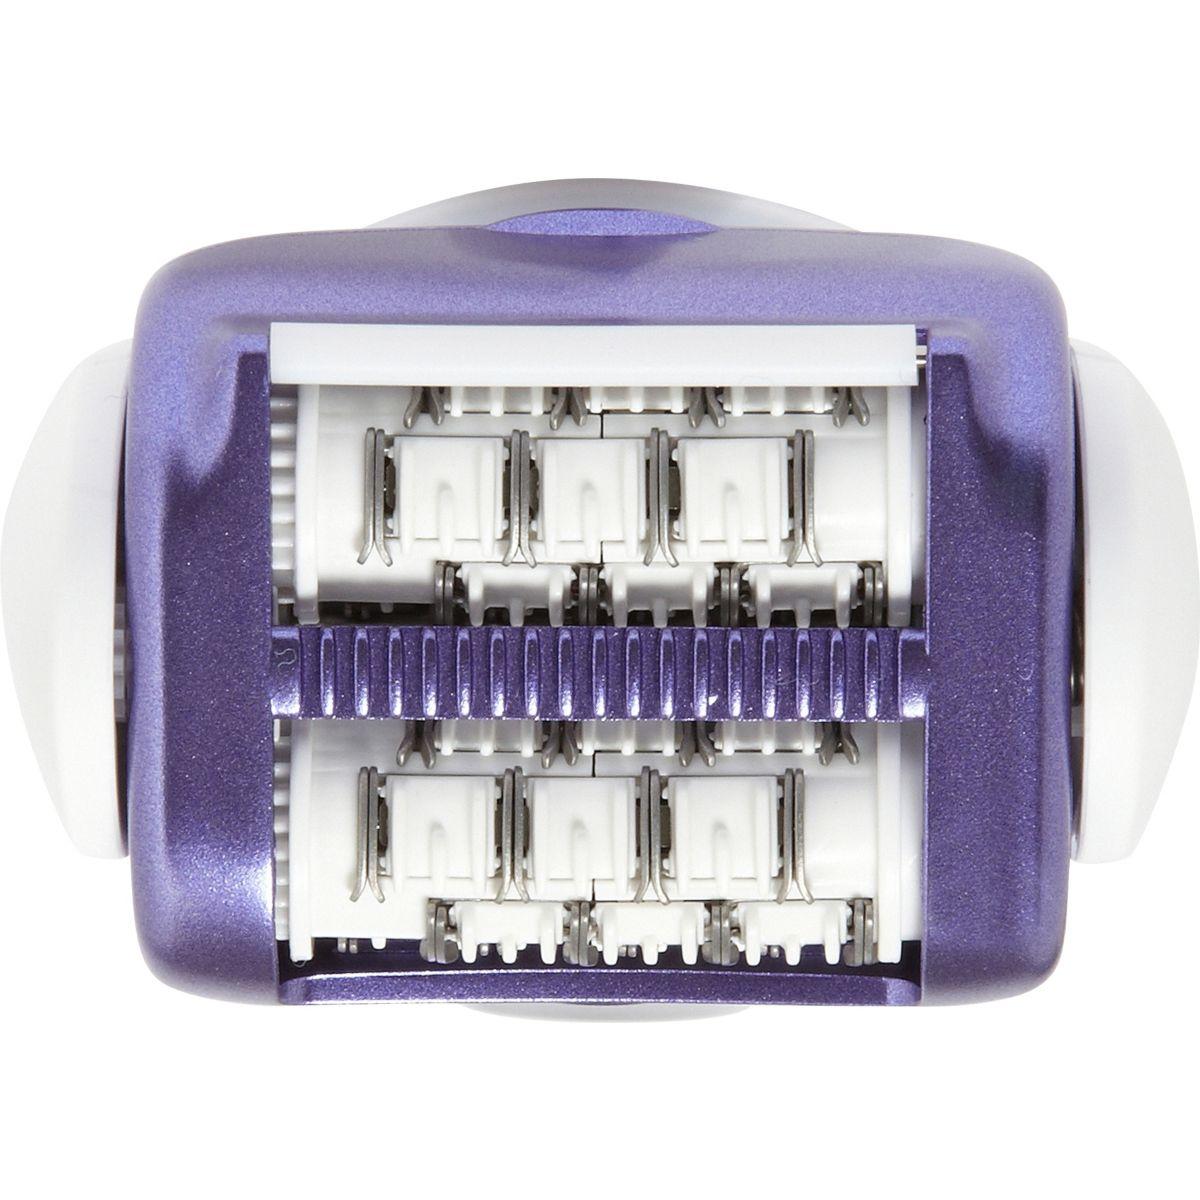 Epilateur électrique panasonic es ed20 v503 (photo)